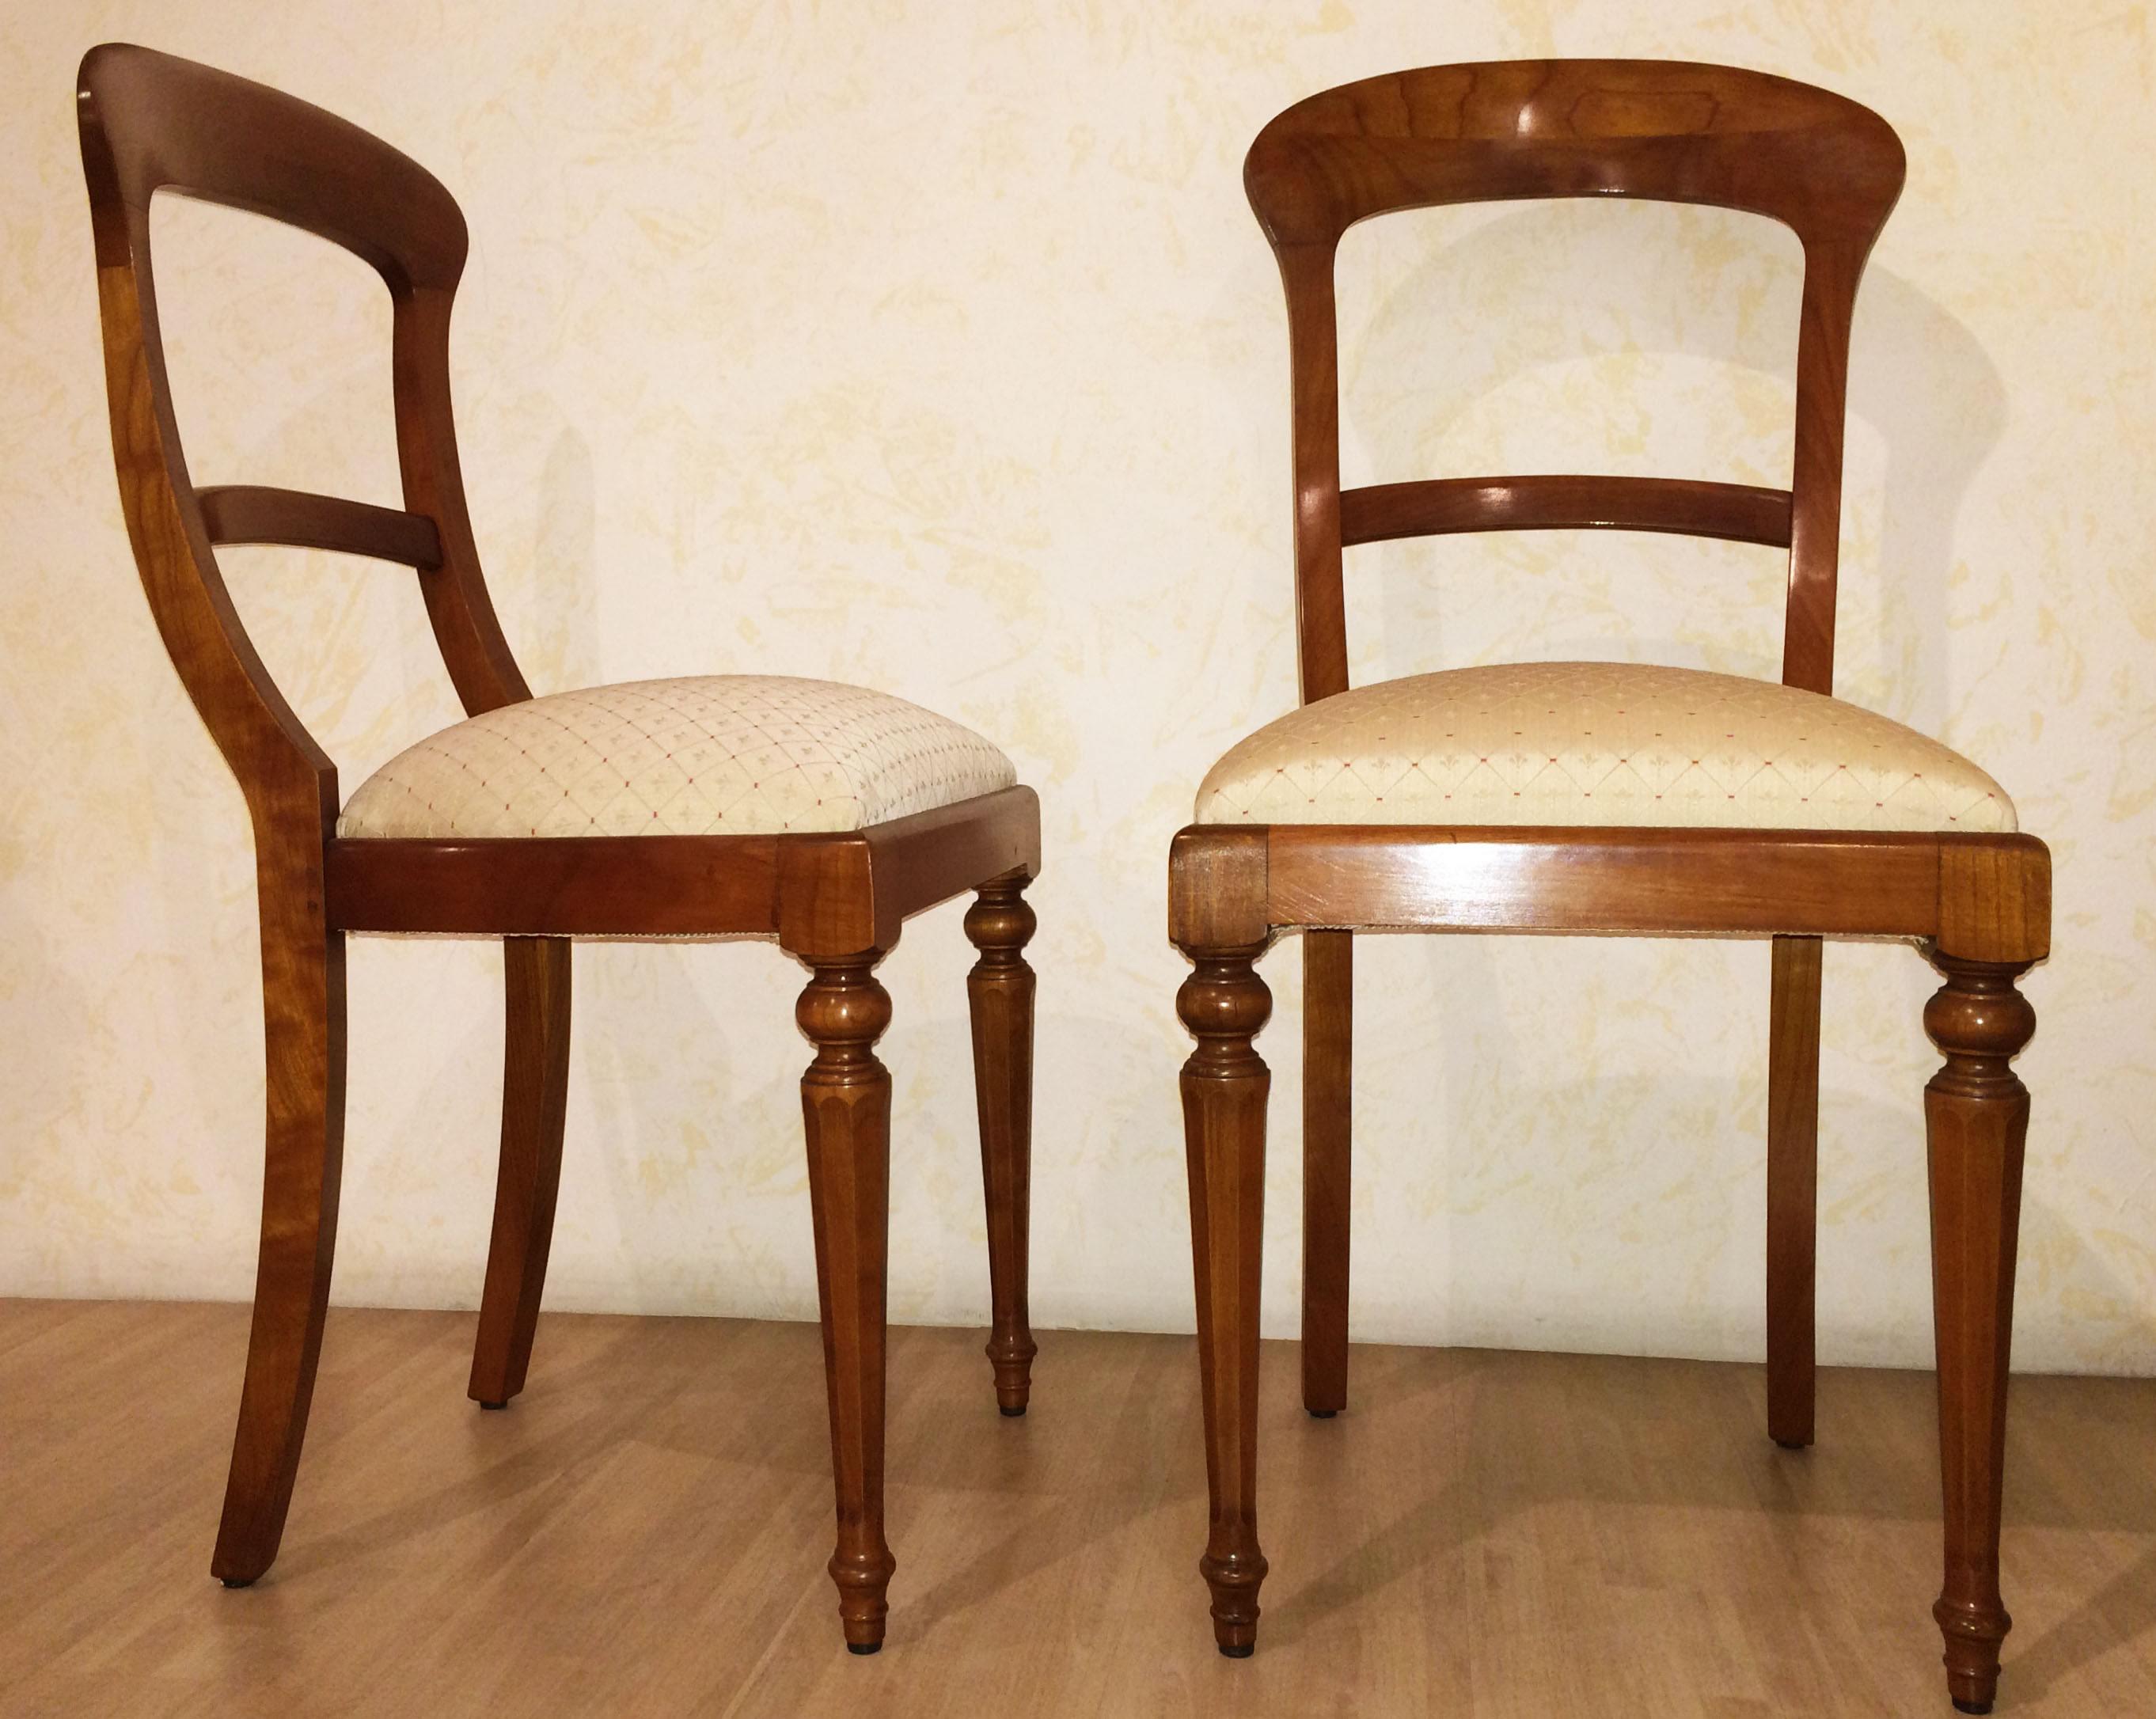 Sedia stile 800 in legno massello noce chiaro for Sedie in legno massello